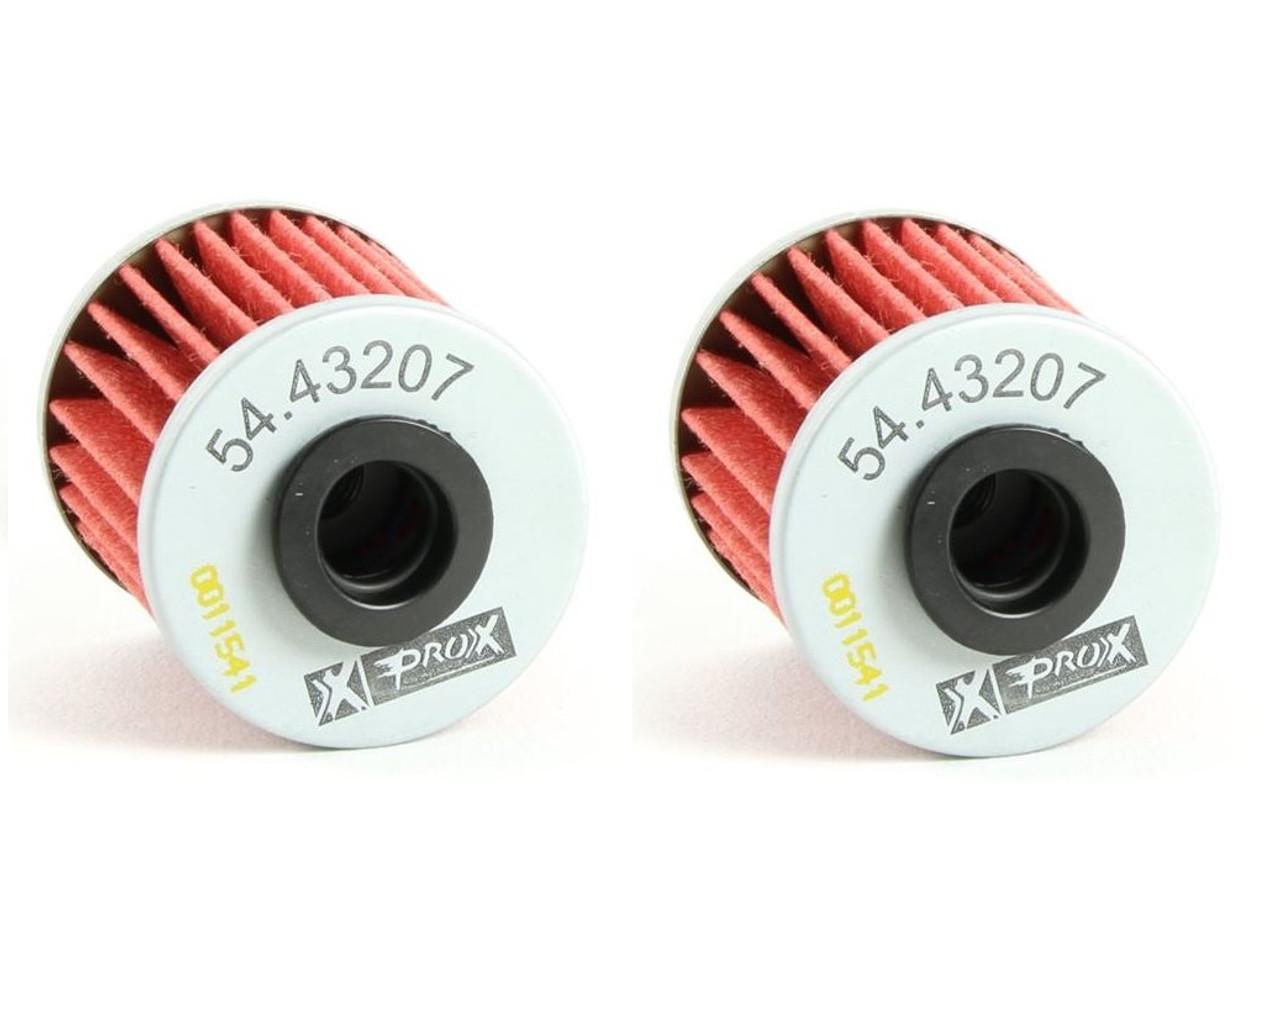 suzuki rmz250 2004-2019 oil filters 2 pack prox parts